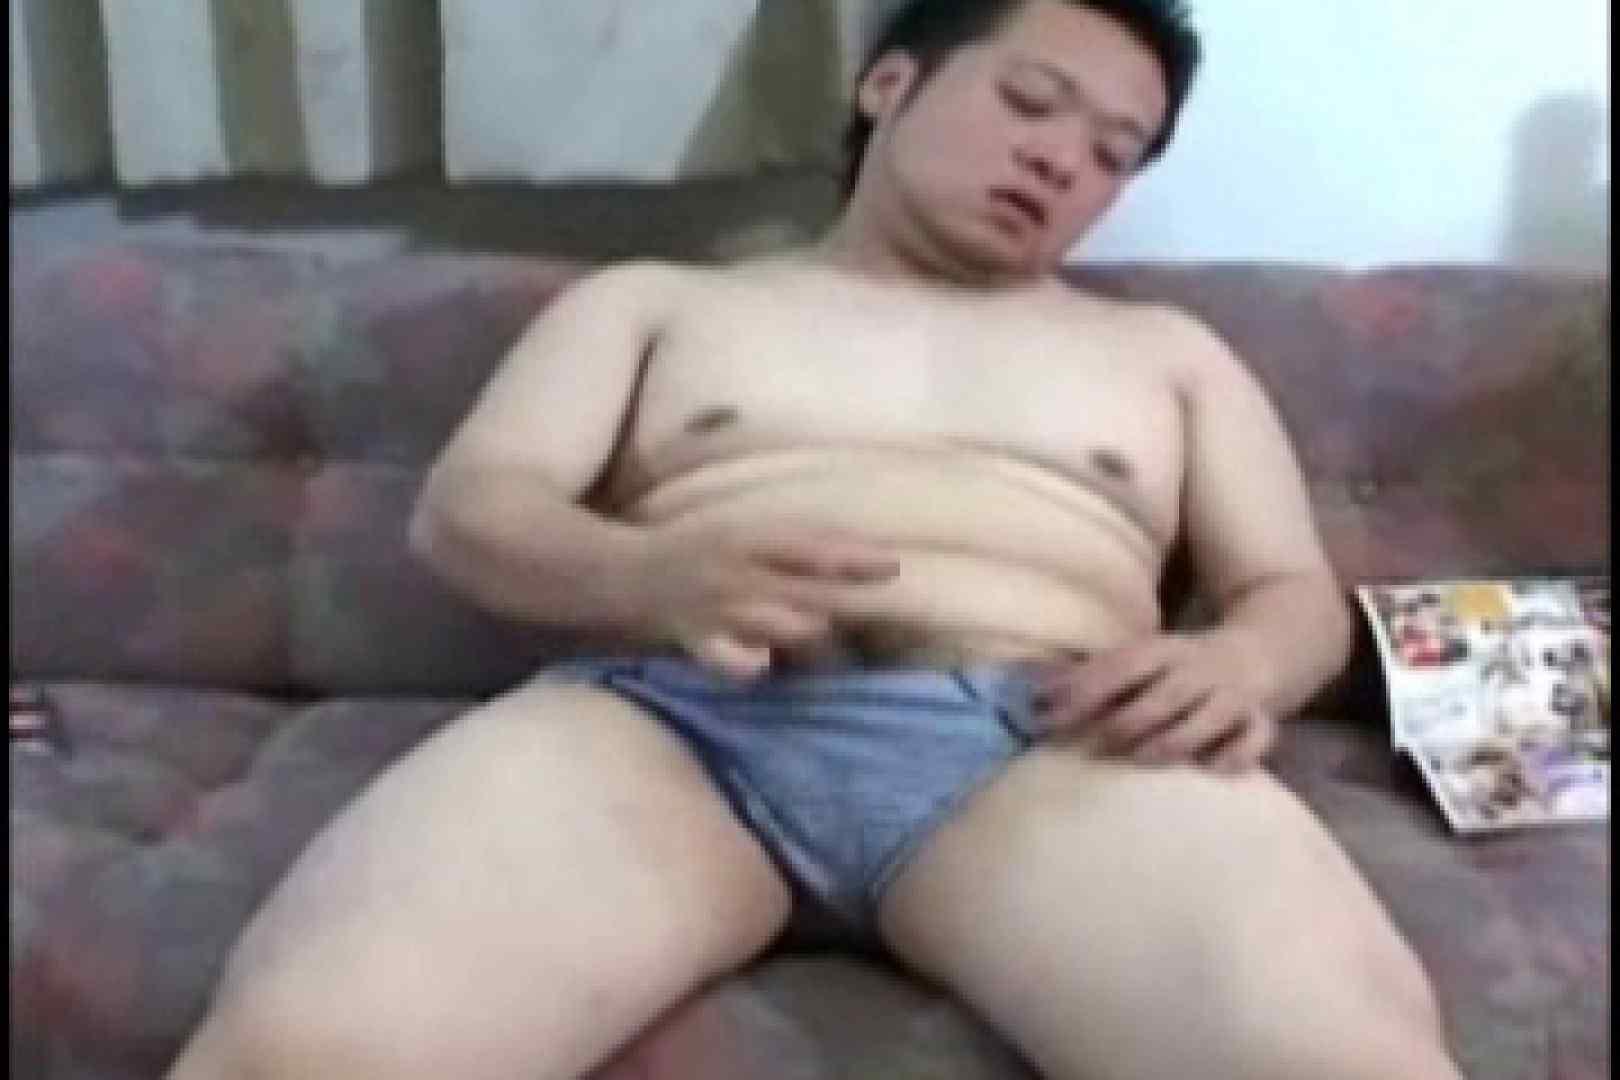 小太りボーイの孫の手オナニー 入浴・シャワー ゲイAV画像 69枚 45